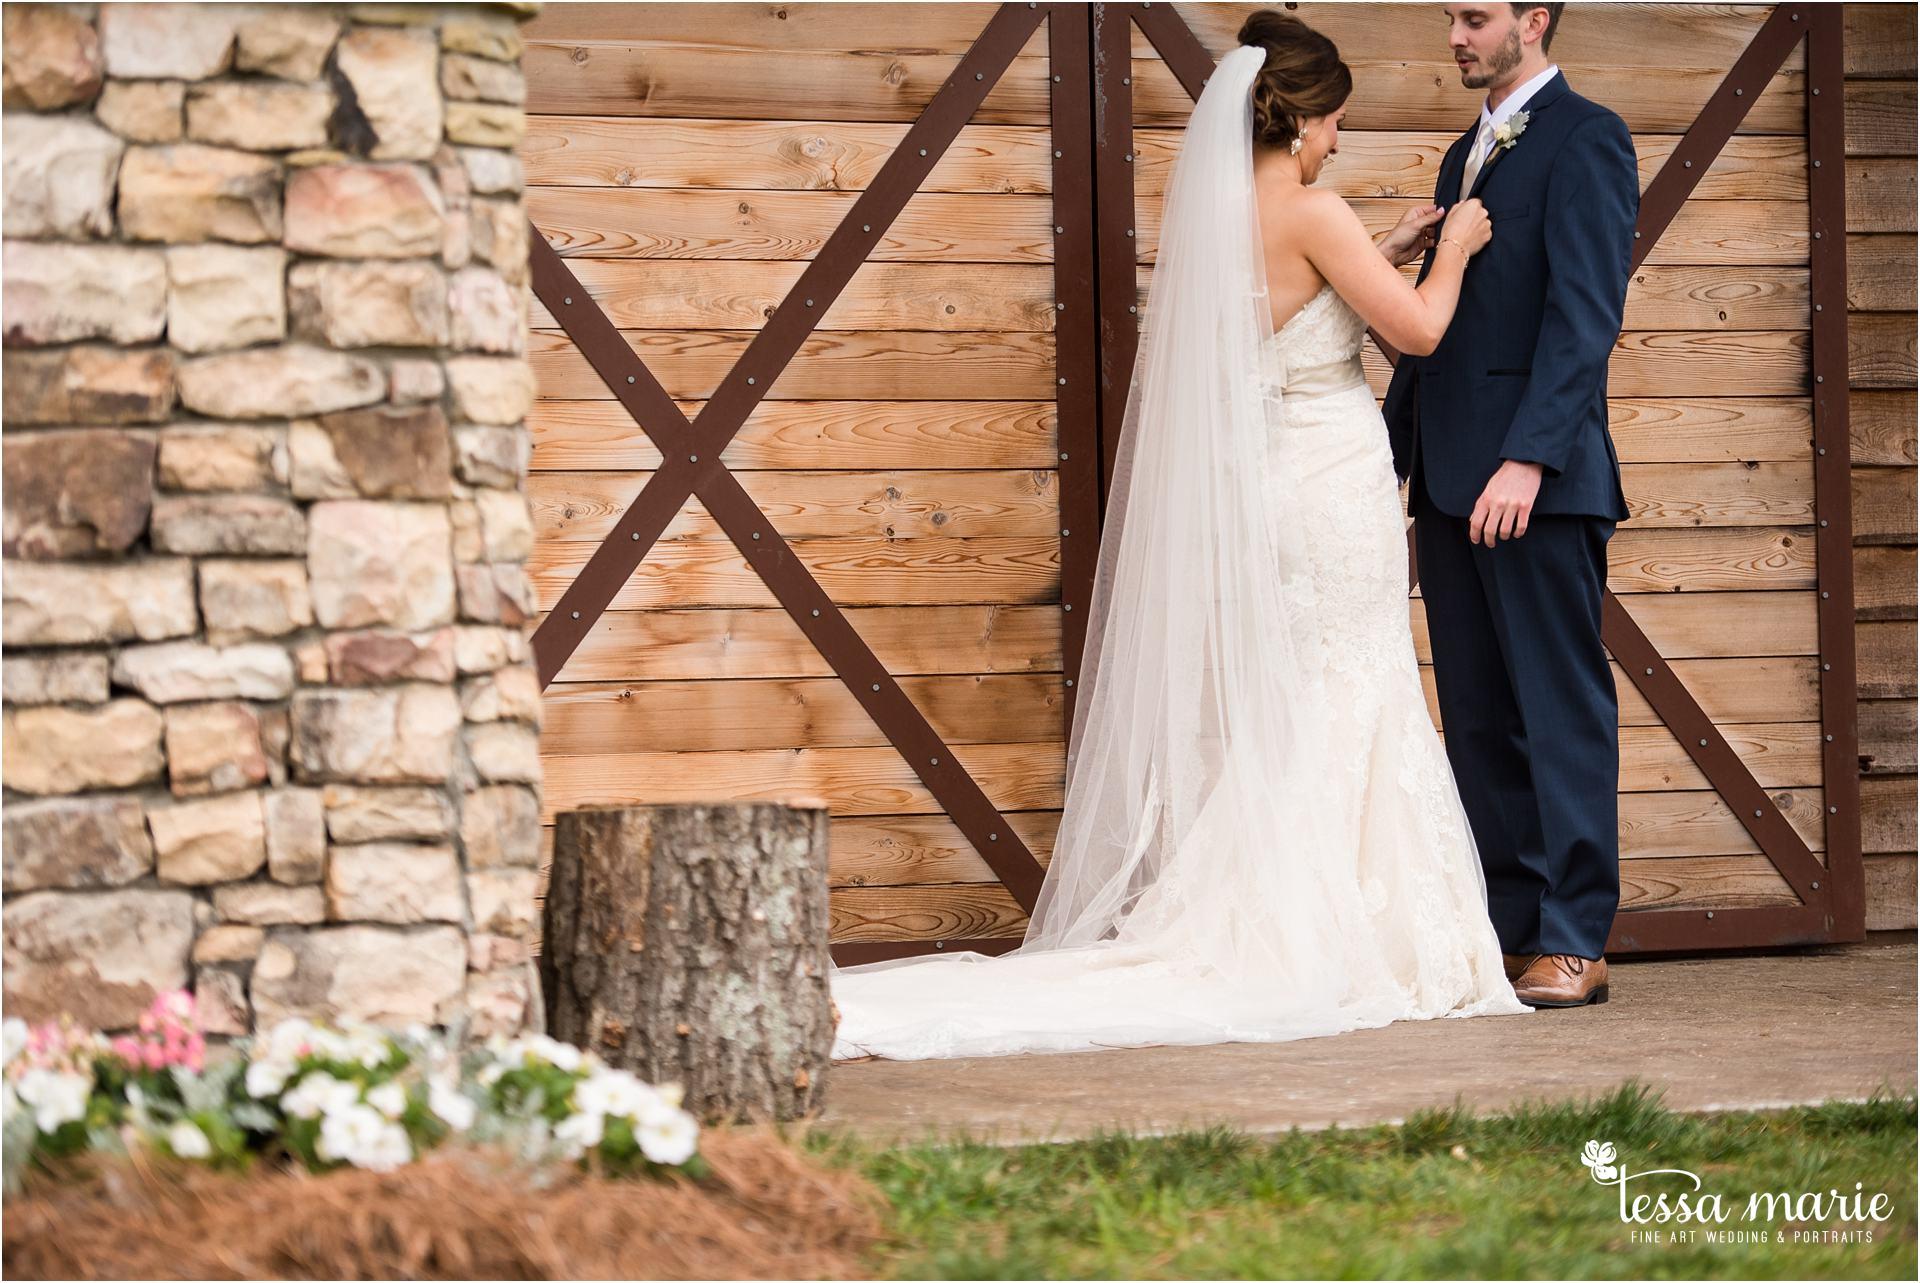 032216_brittany_kevin_wedding-52